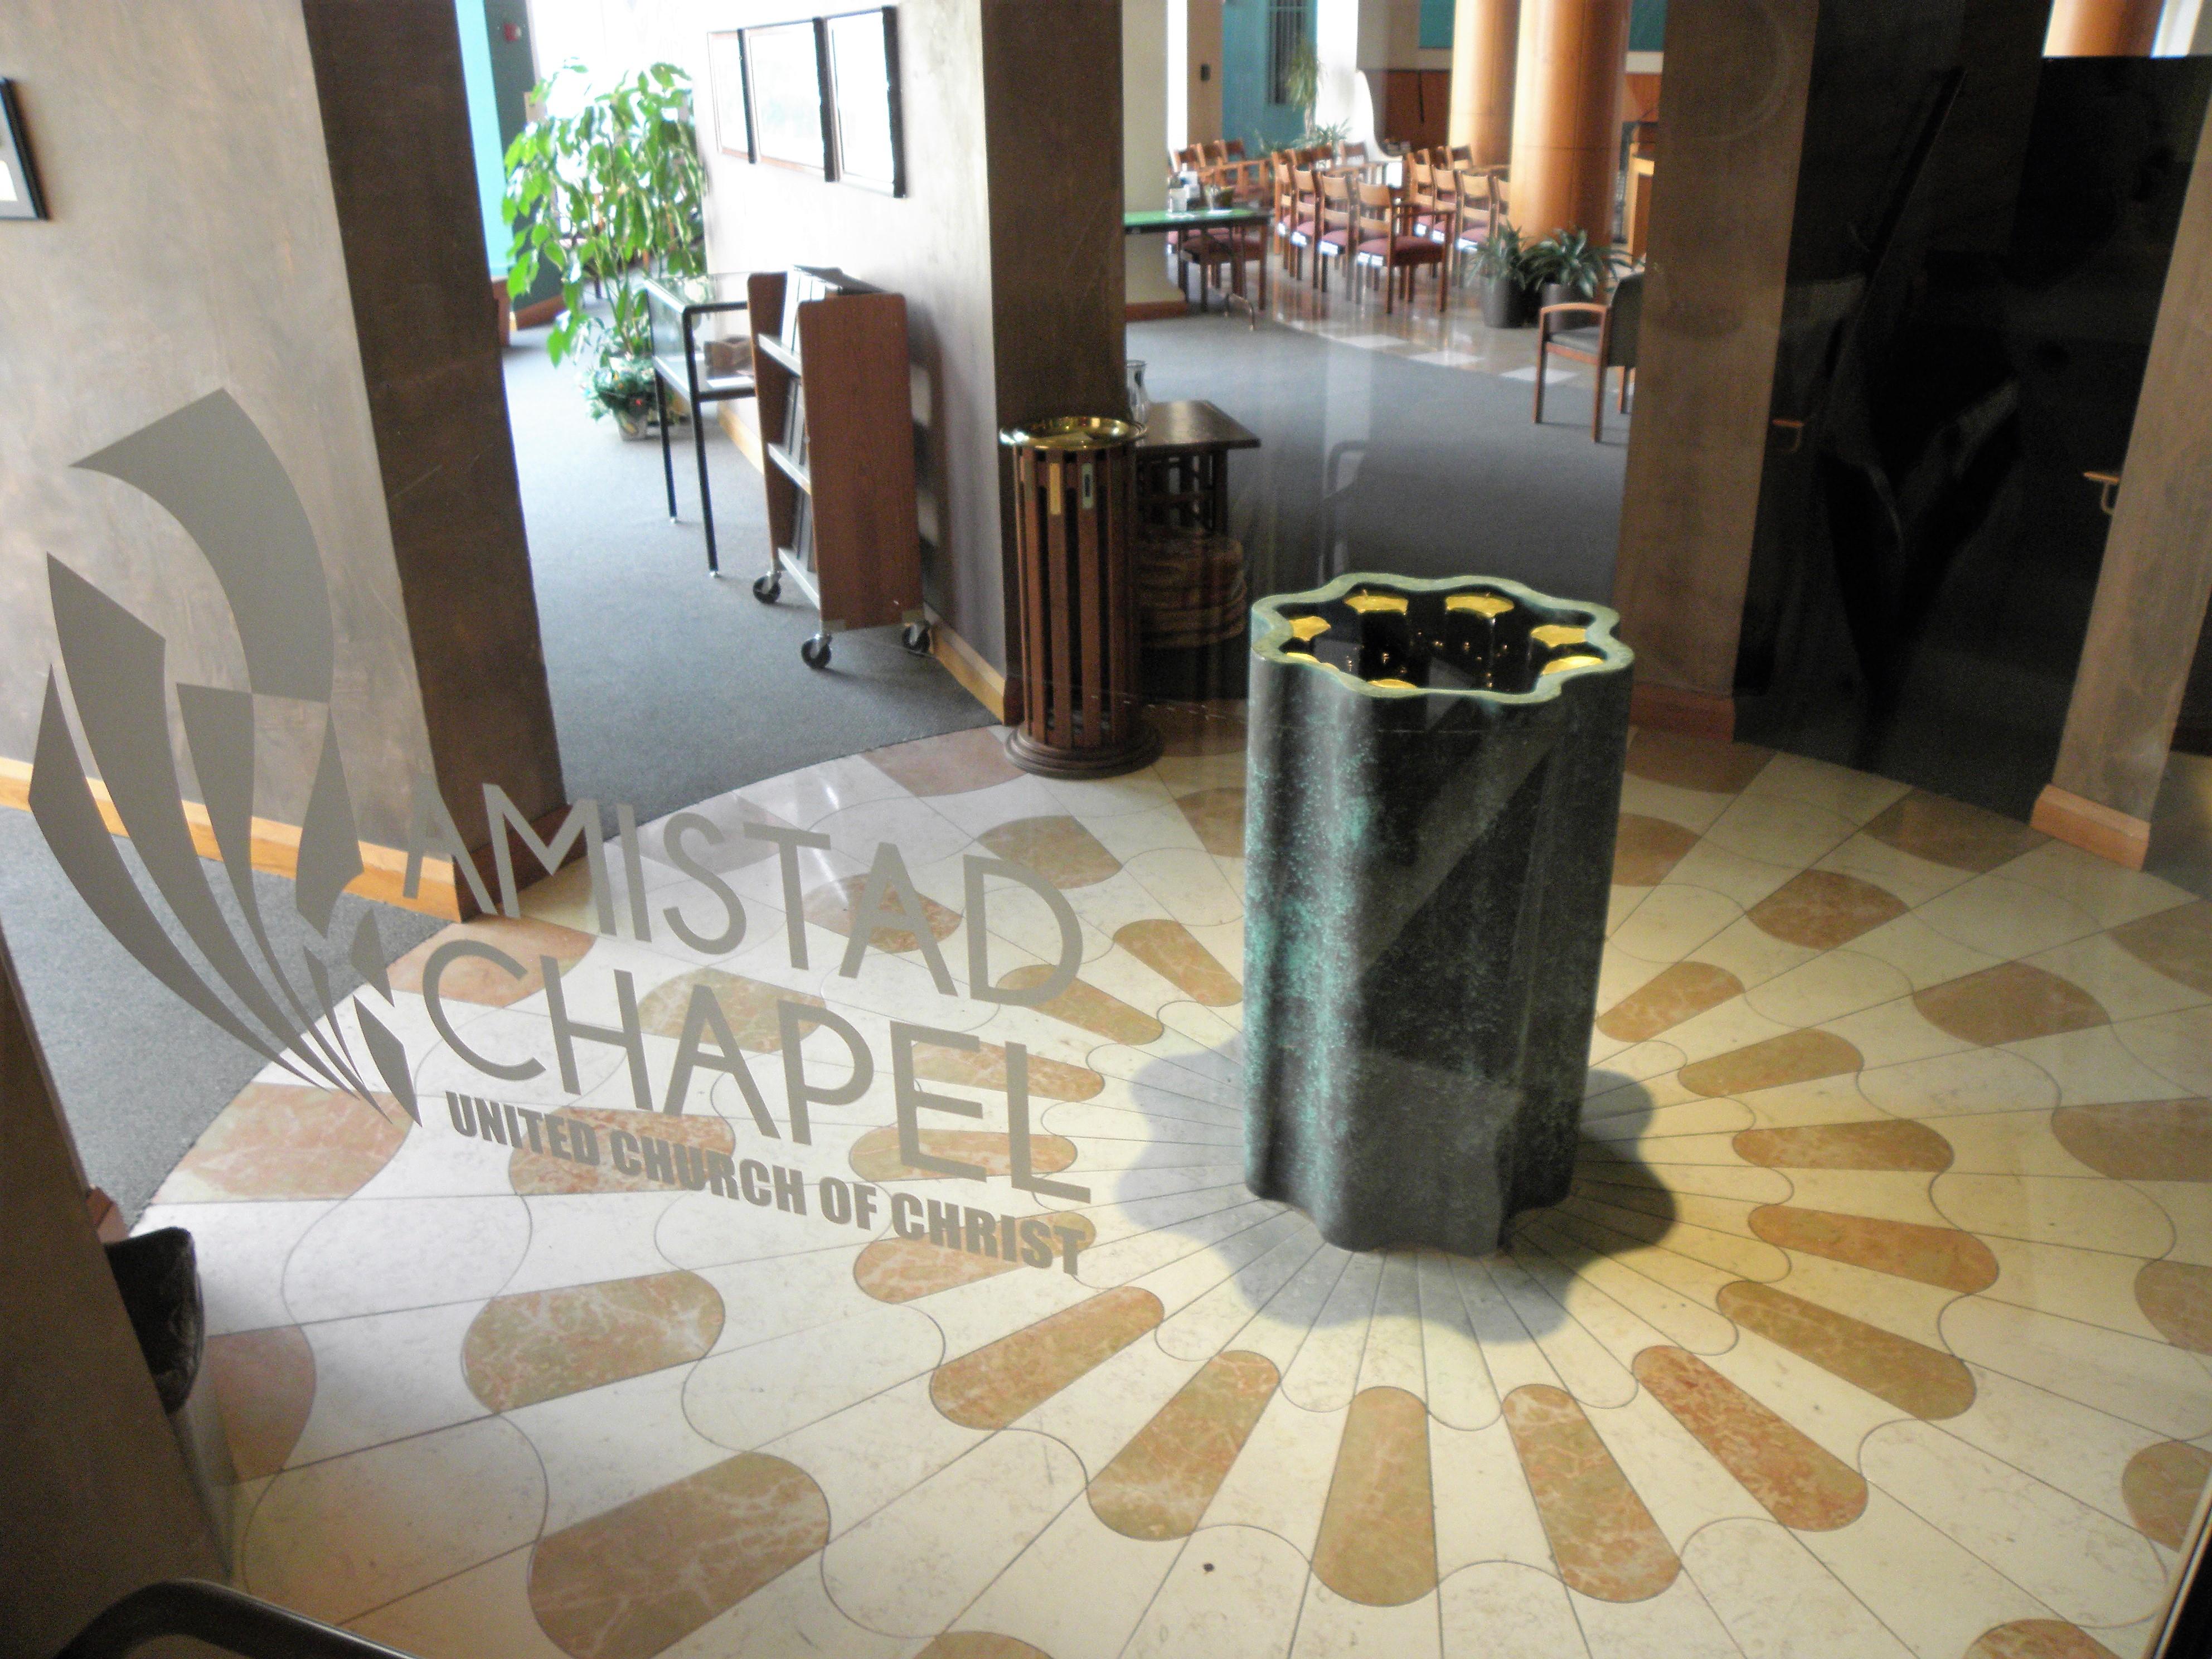 Amistad chapel entryway